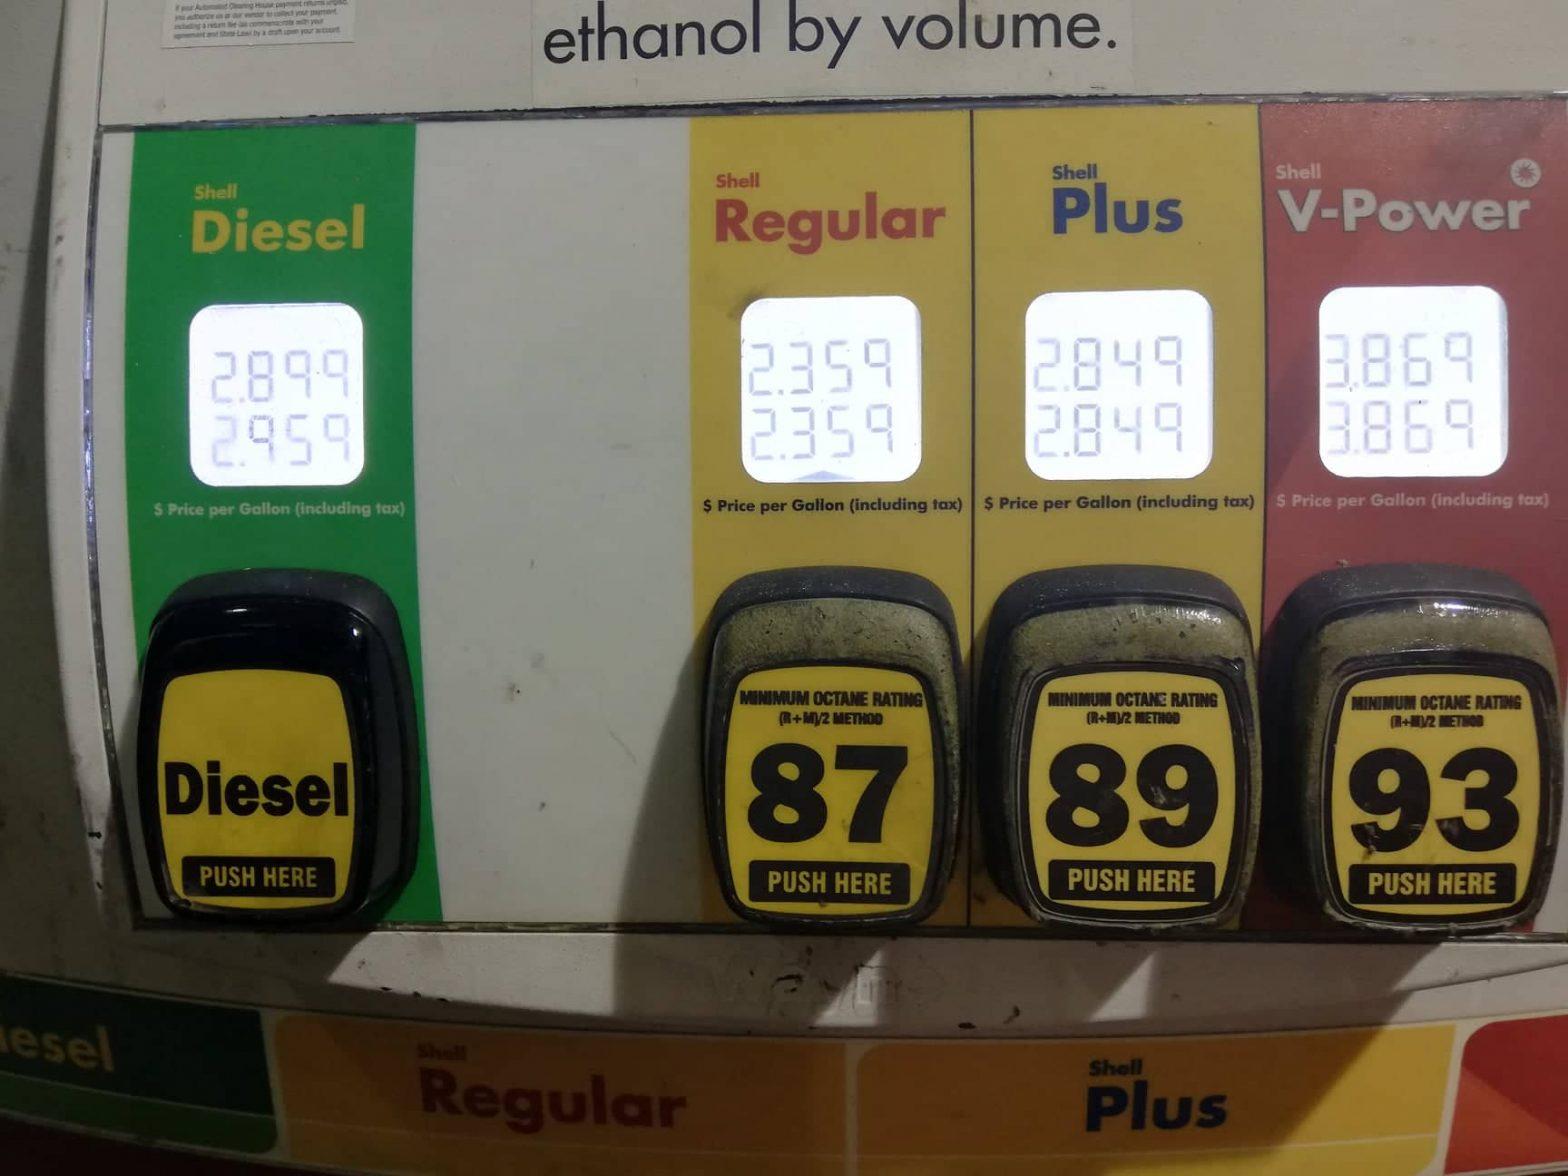 come-mettere-benzina-negli-Stati-Uniti-bottoni-da-premere